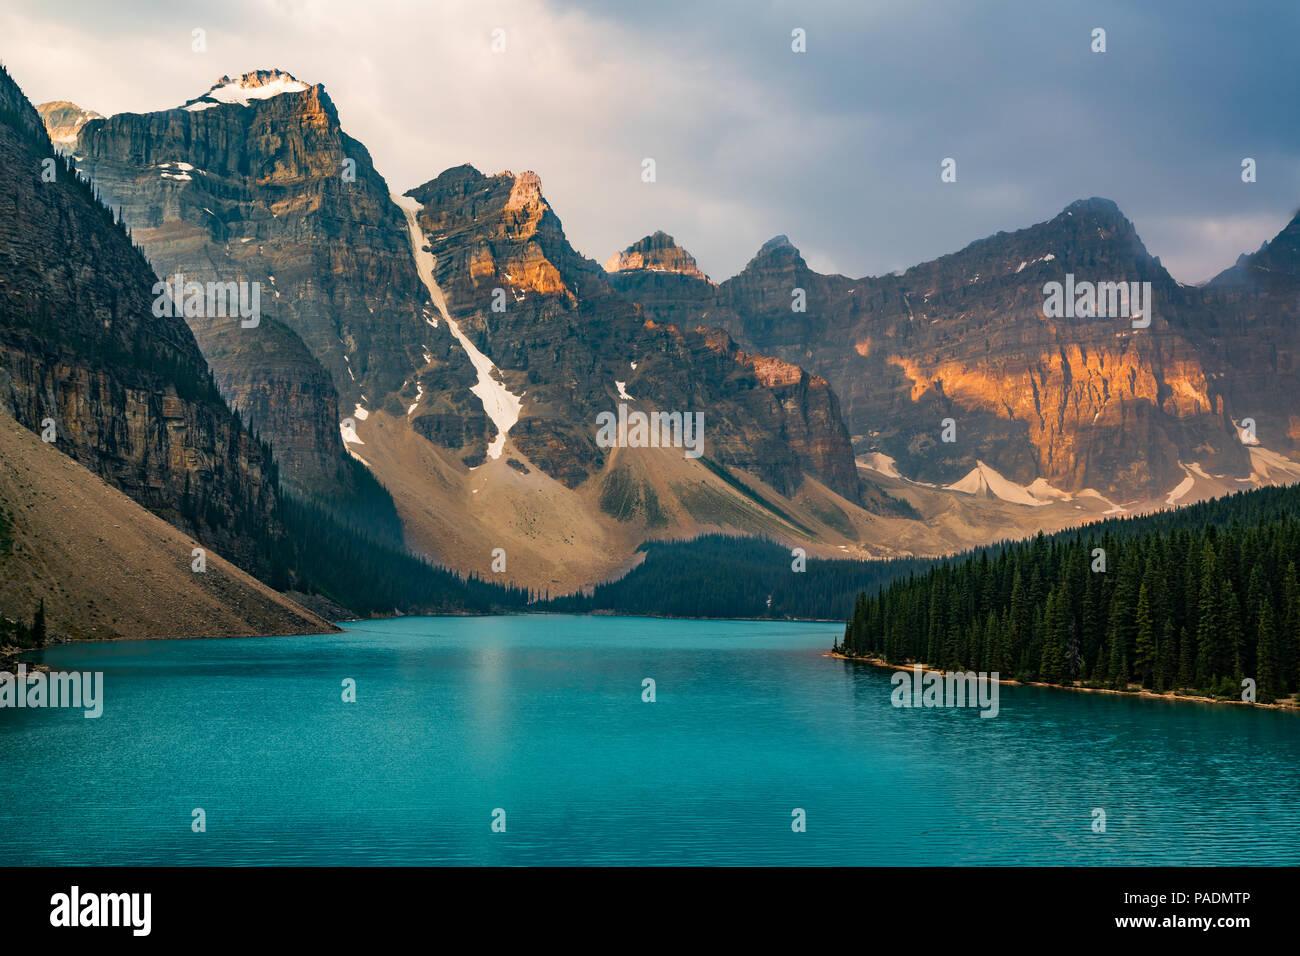 Sonnenaufgang mit türkisfarbenen Wasser des Lake Moraine mit Sünde lit Rocky Mountains im Banff Nationalpark Kanadas in Tal der zehn Gipfel. Stockbild